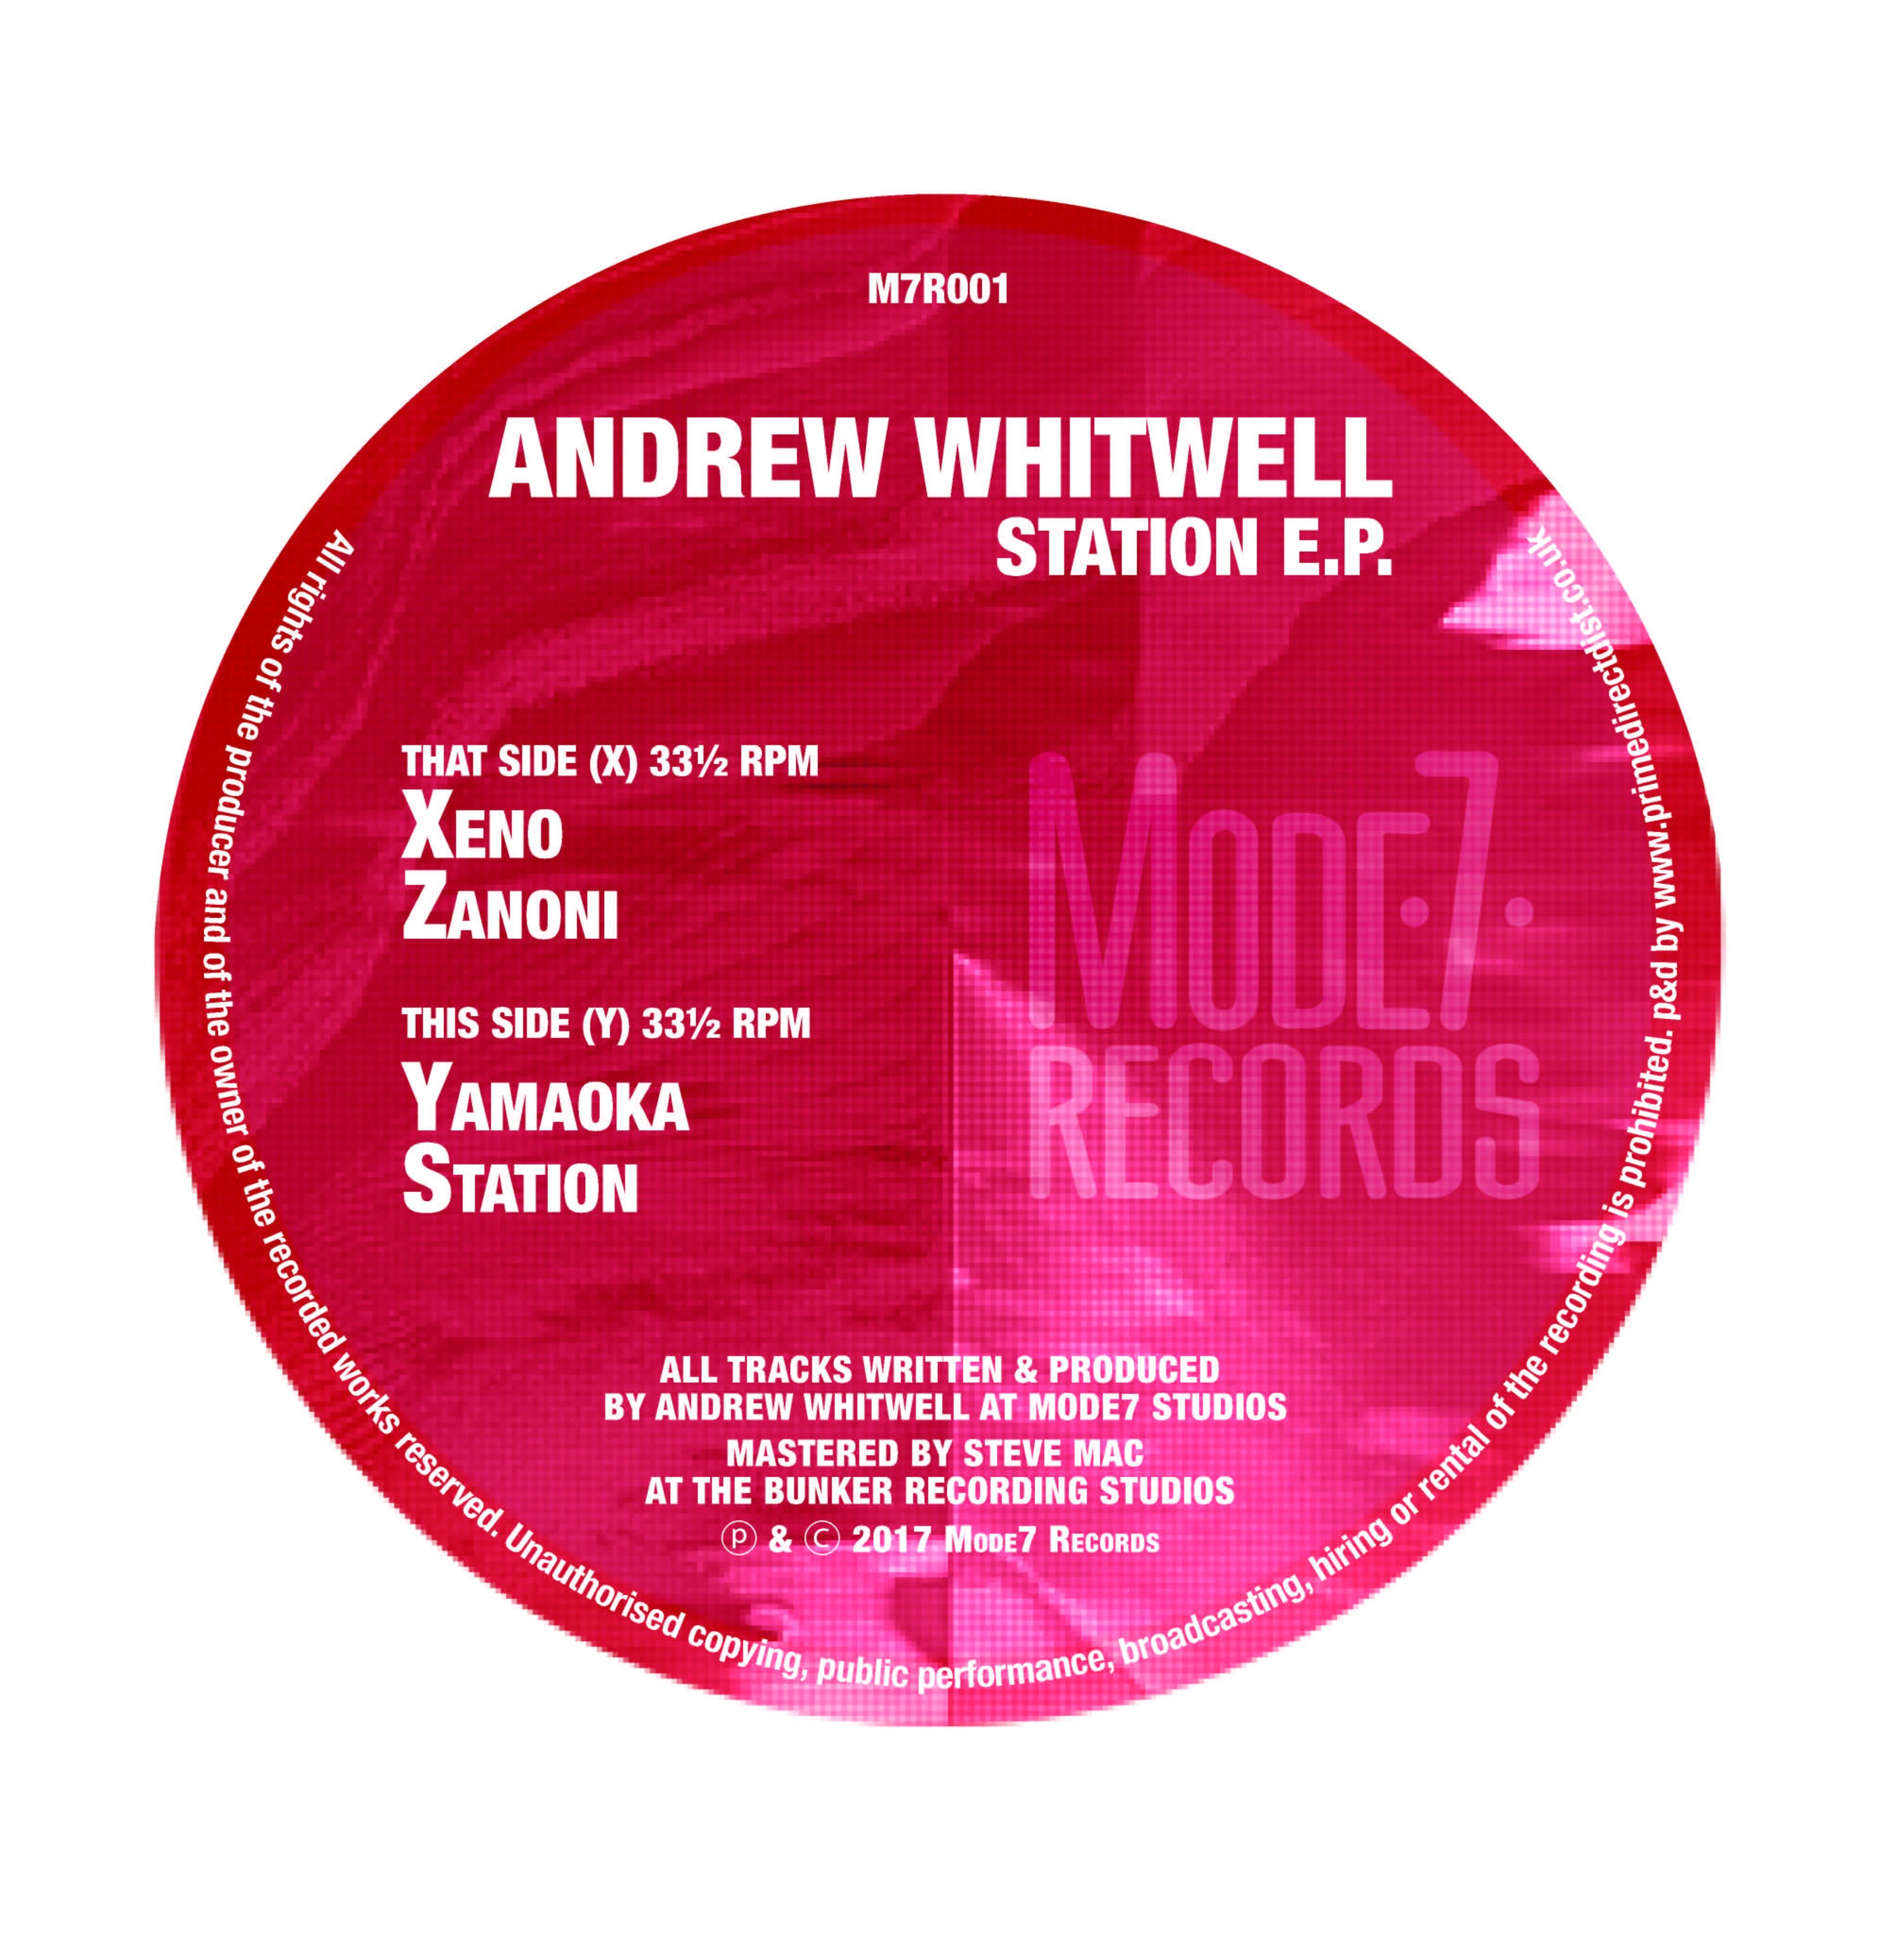 andrew_whitwell_station_ep_artwork.jpg